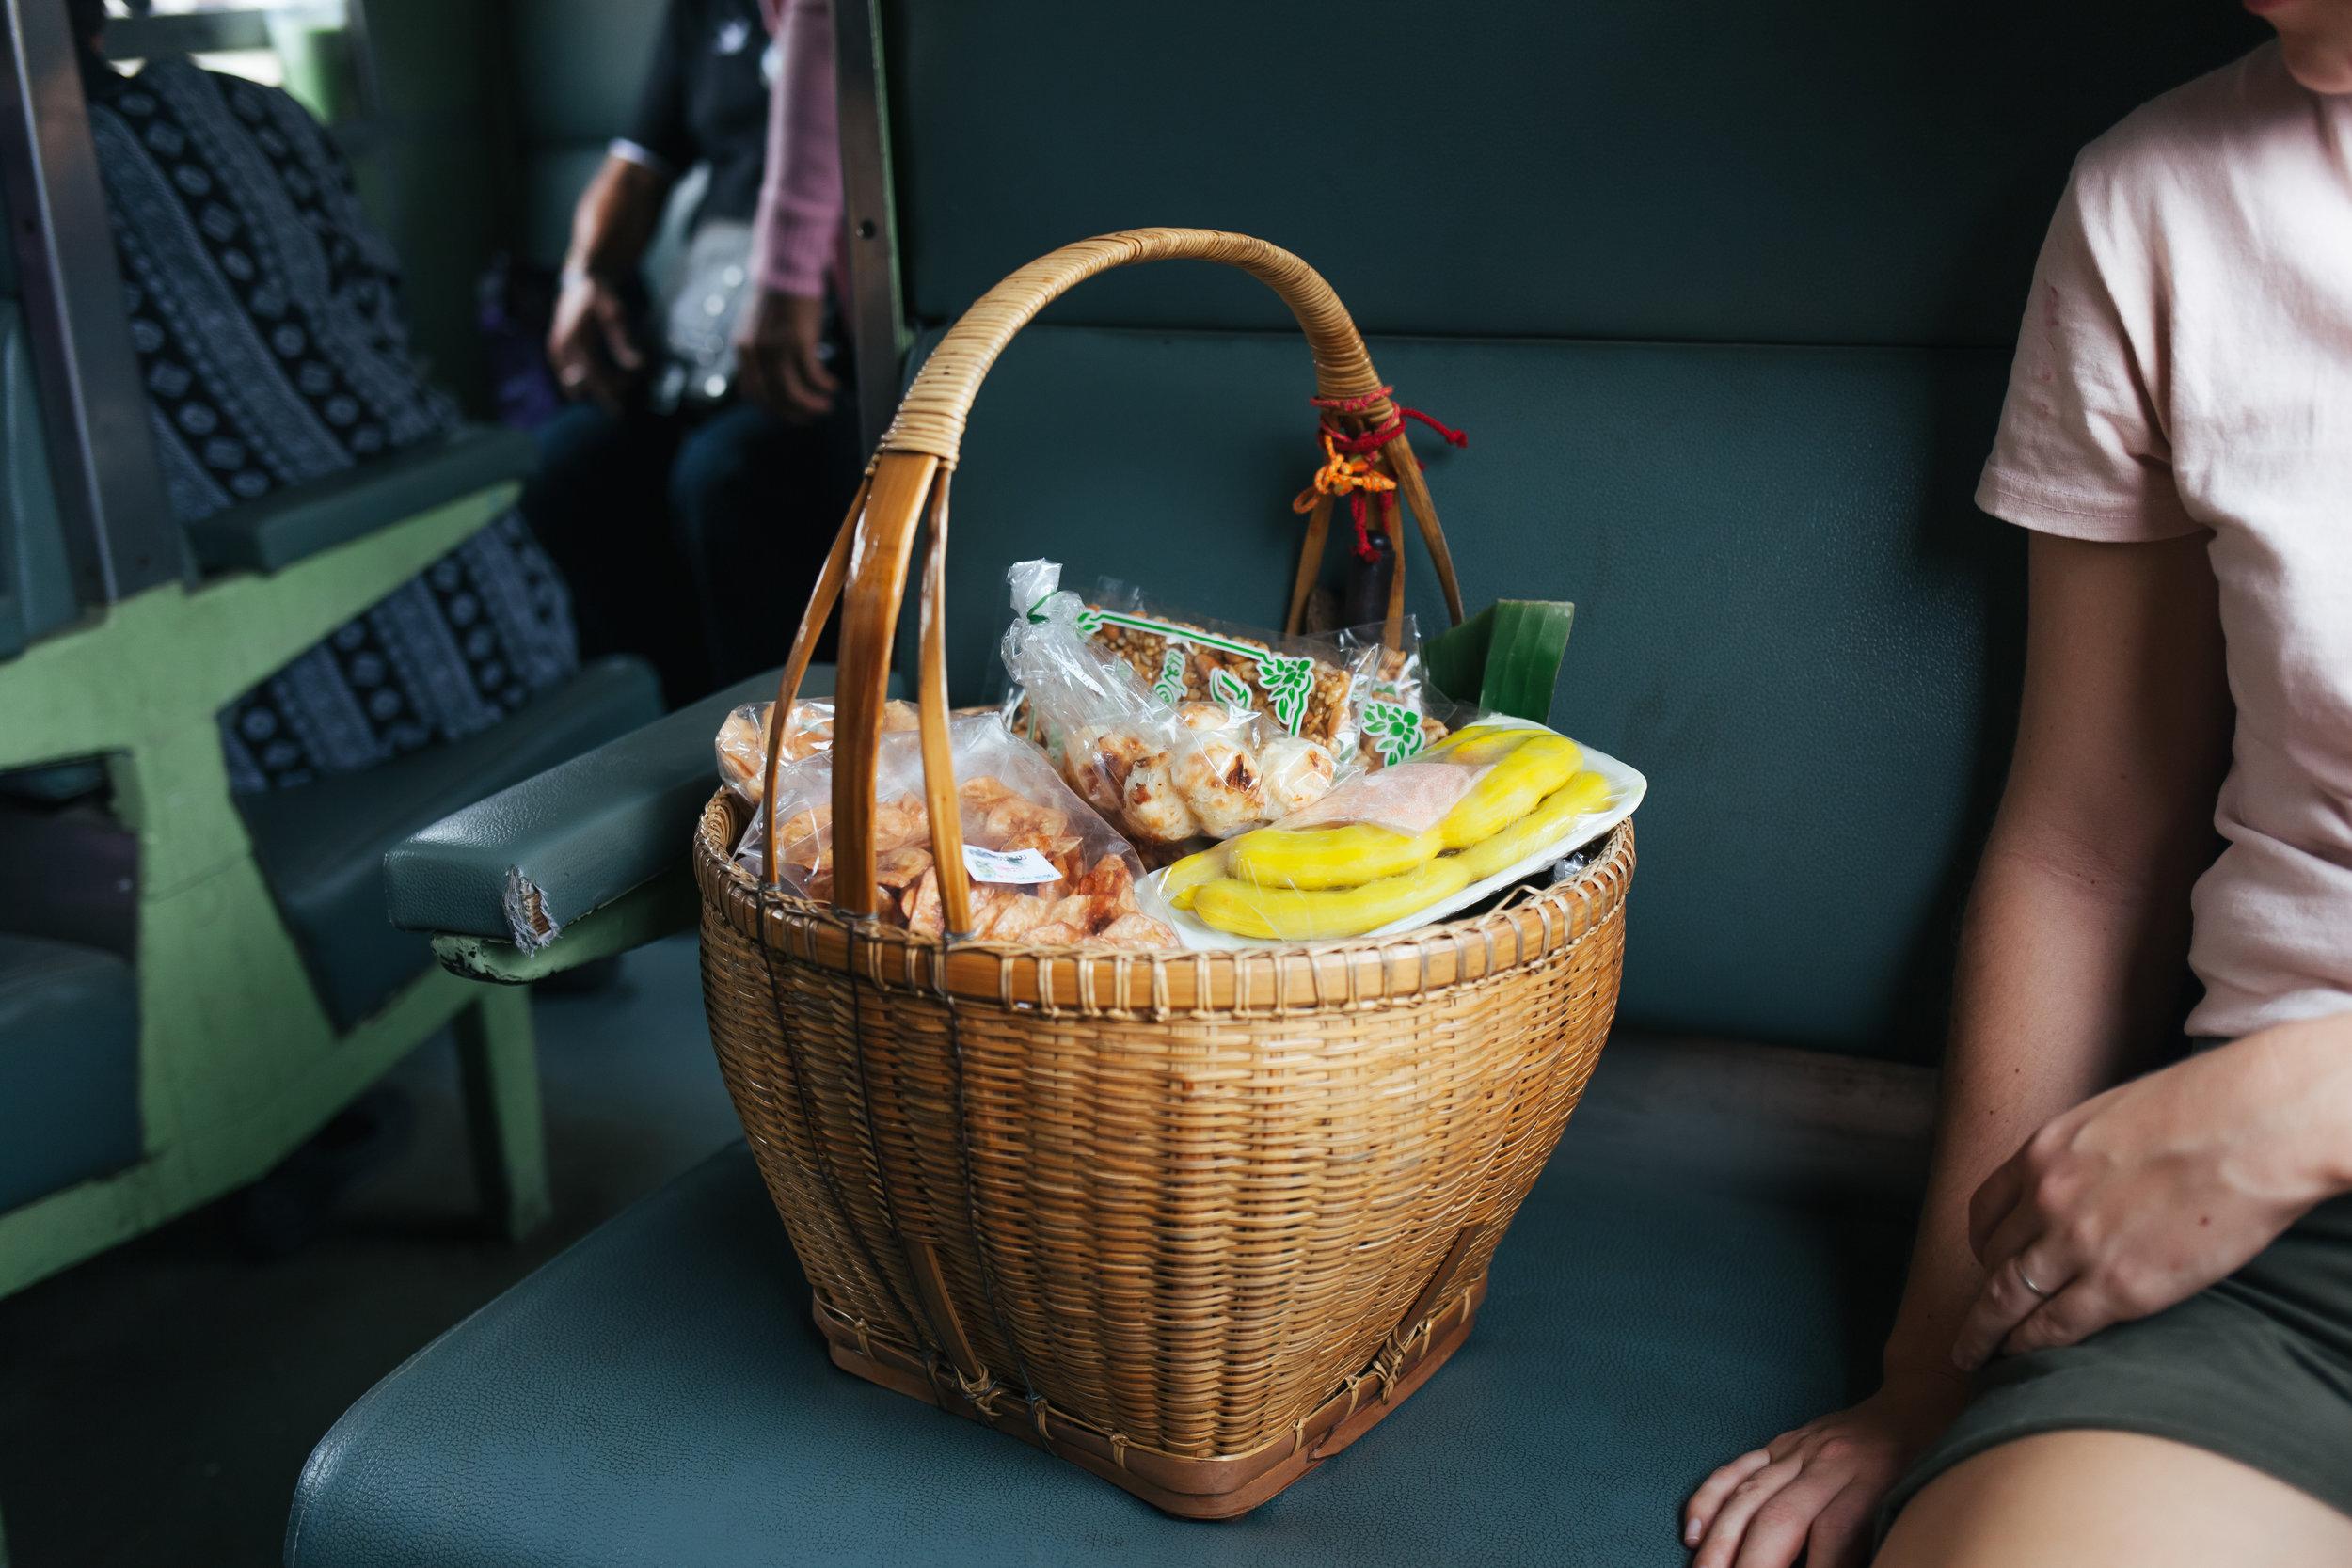 thailand_lampang_ayuthaya_train (60 of 77).jpg